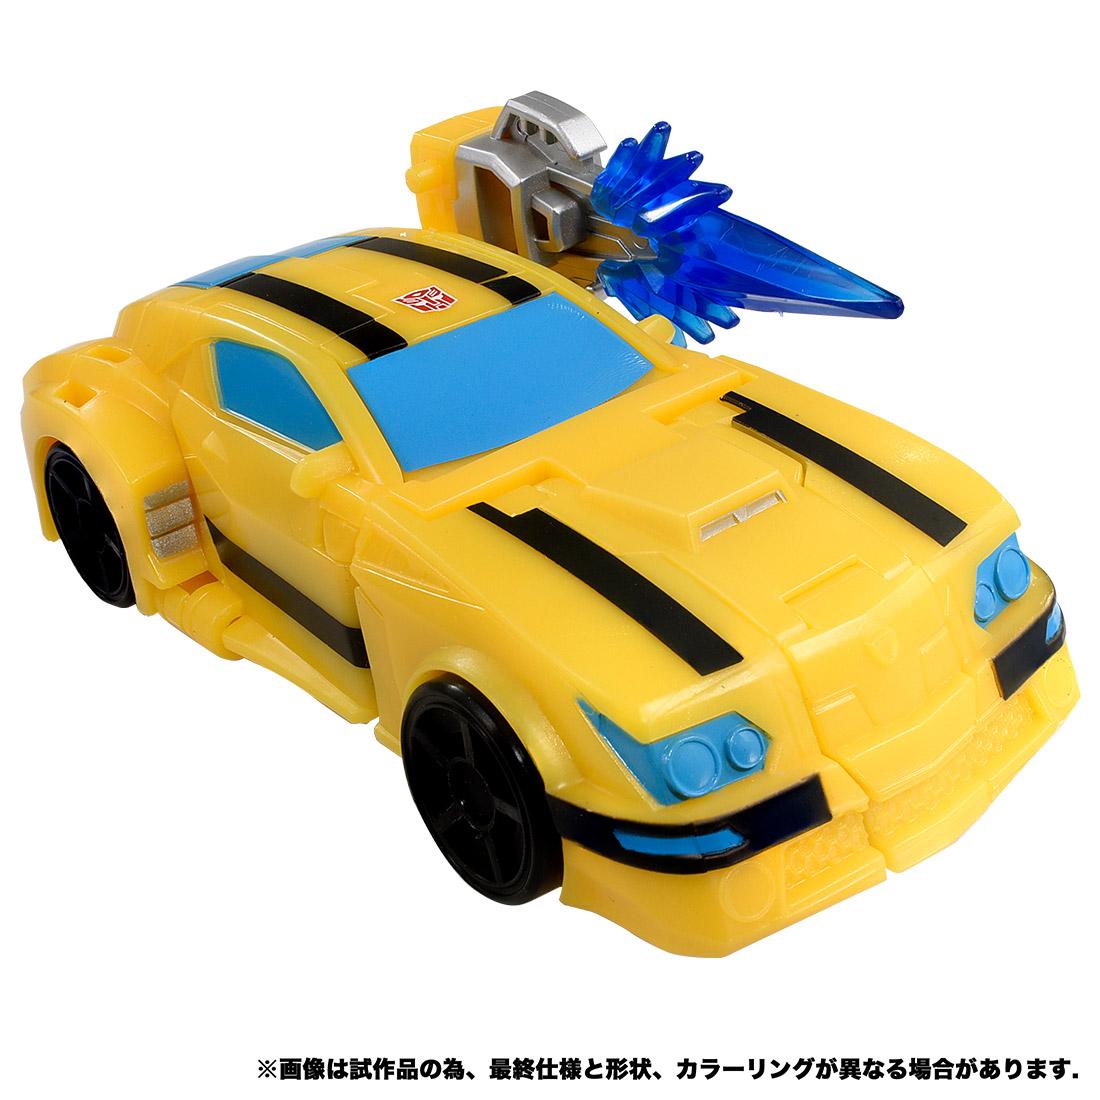 【限定販売】サイバーバース アクションマスター04『バンブルビー』トランスフォーマー 可変可動フィギュア-002